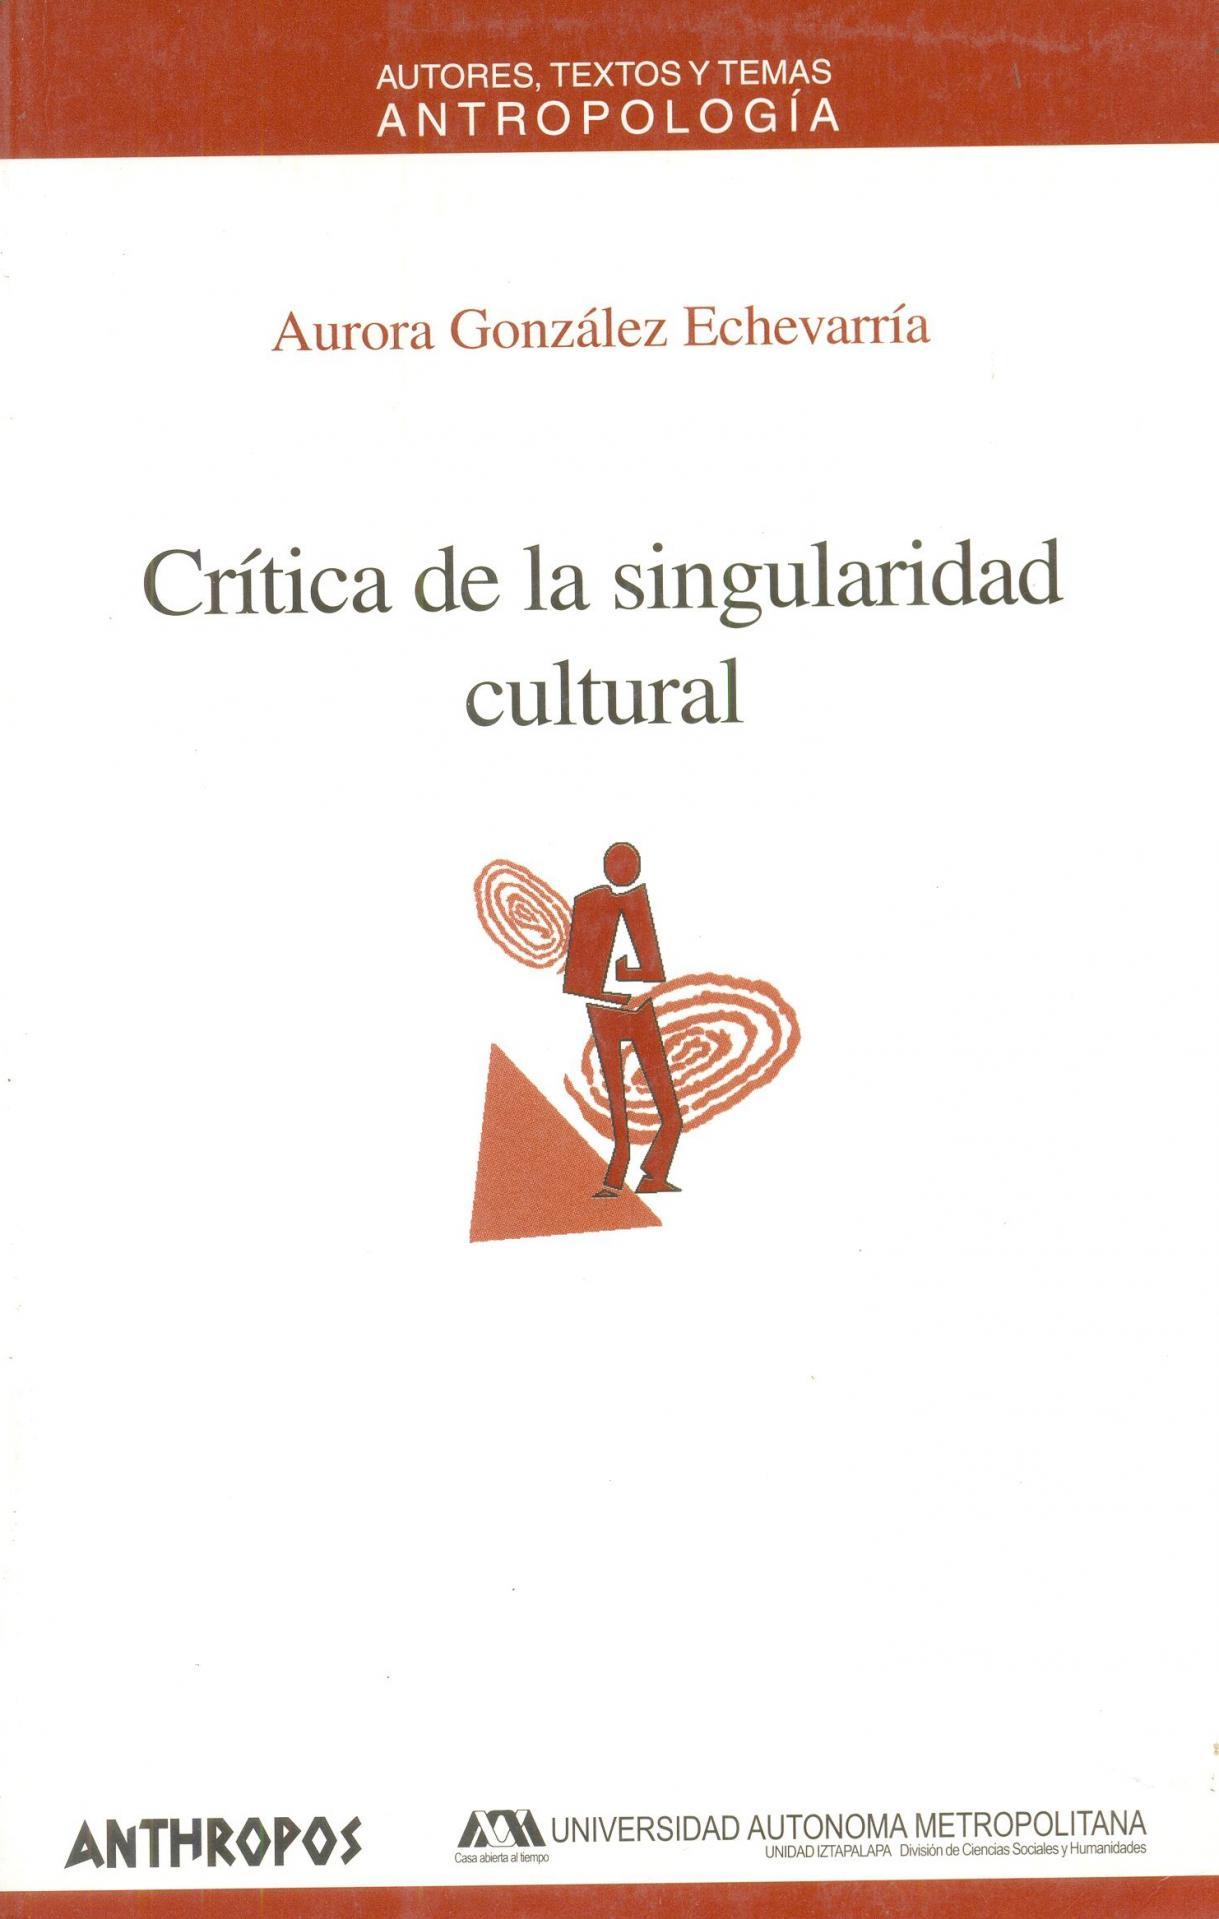 CRÍTICA DE LA SINGULARIDAD CULTURAL. González Echevarría, A.